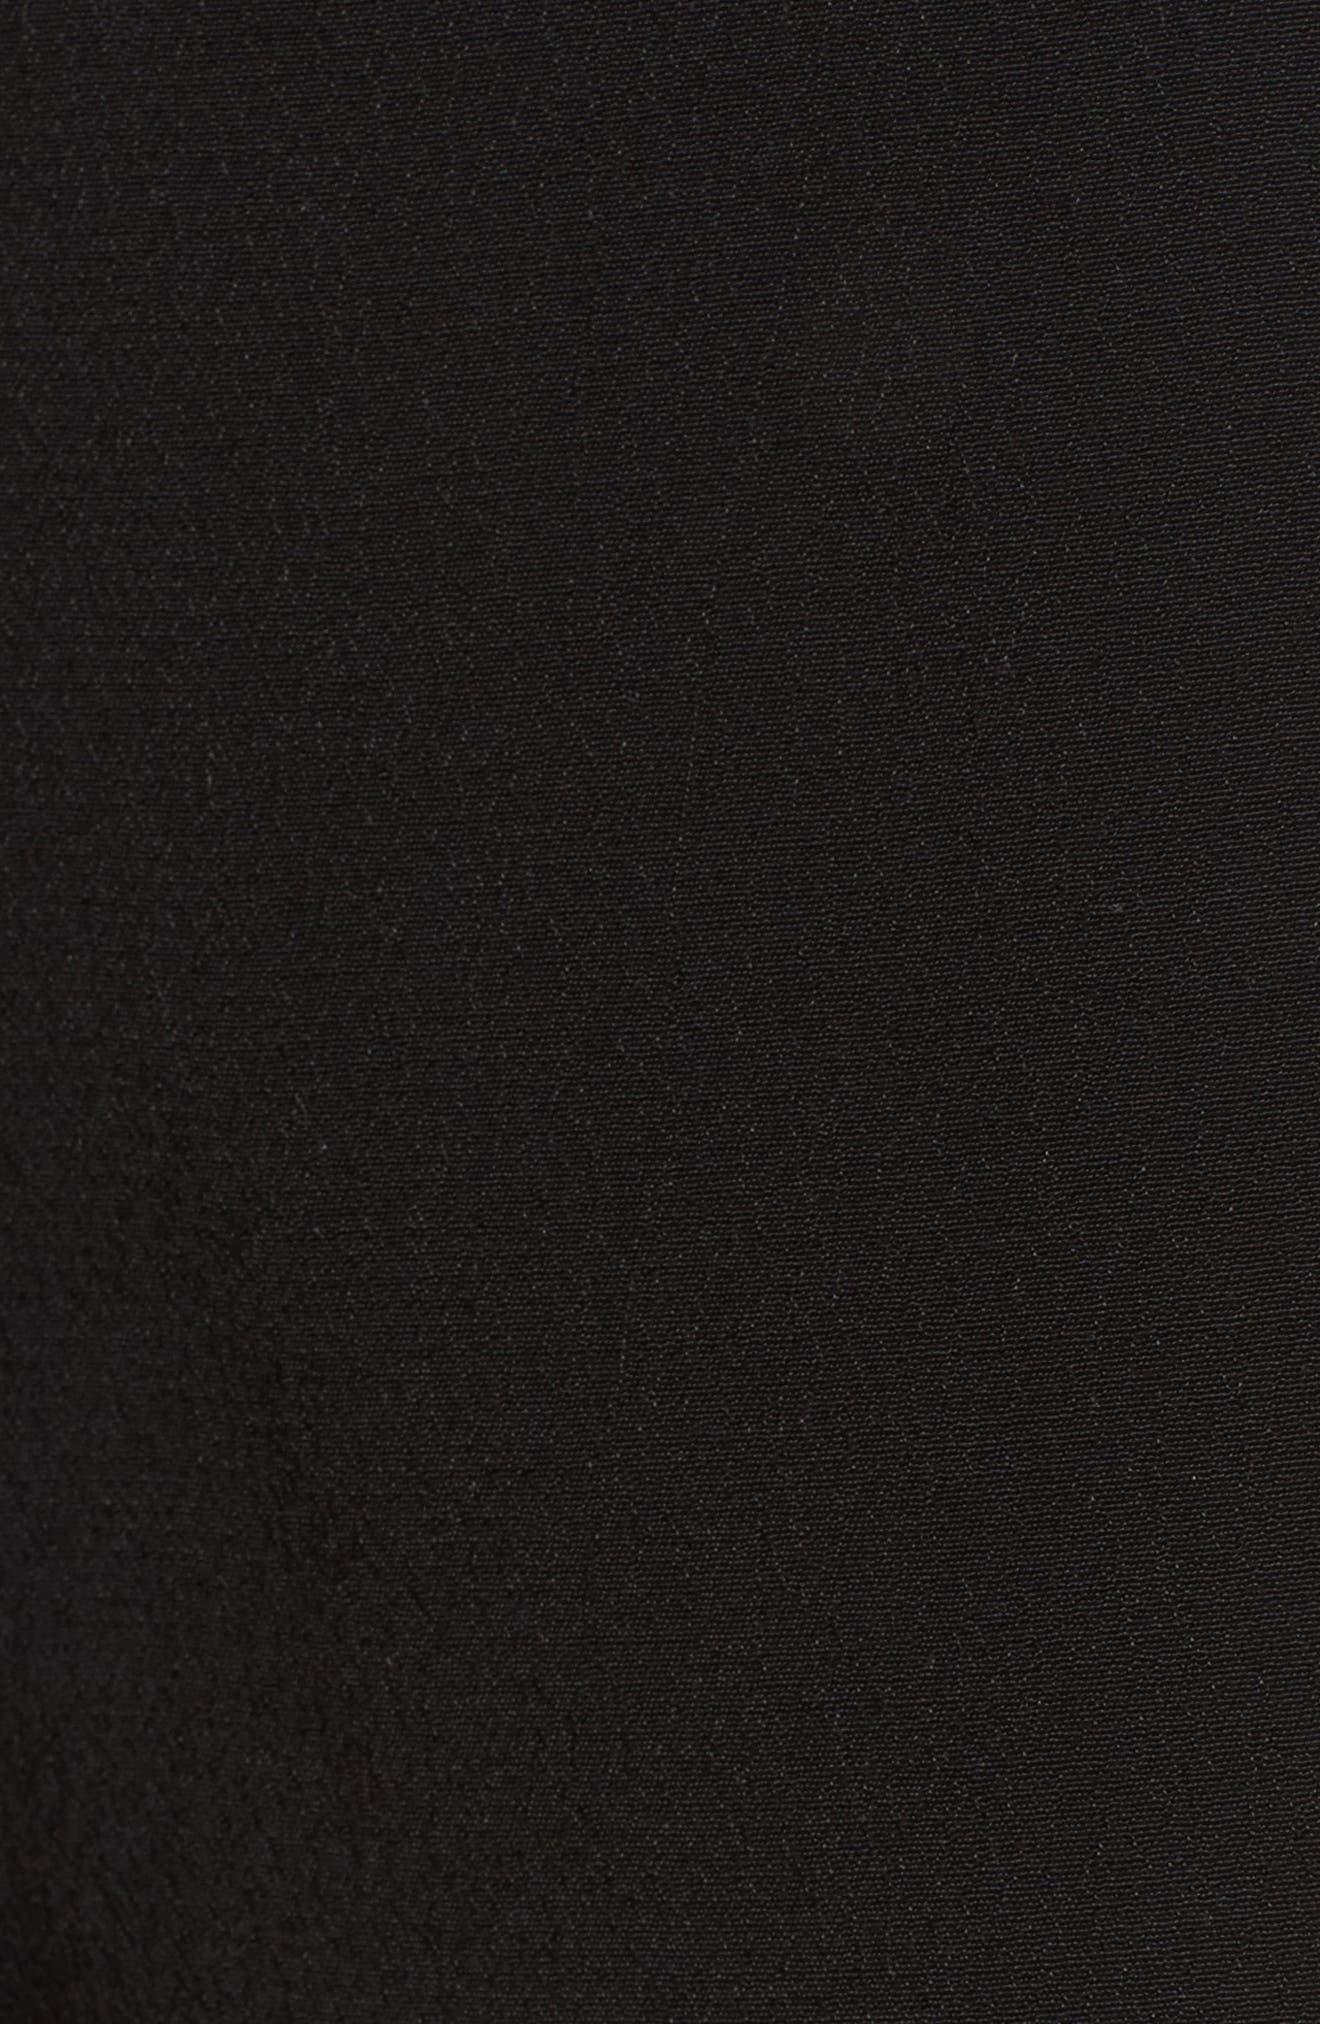 Ruffle Trim Shorts,                             Alternate thumbnail 6, color,                             001